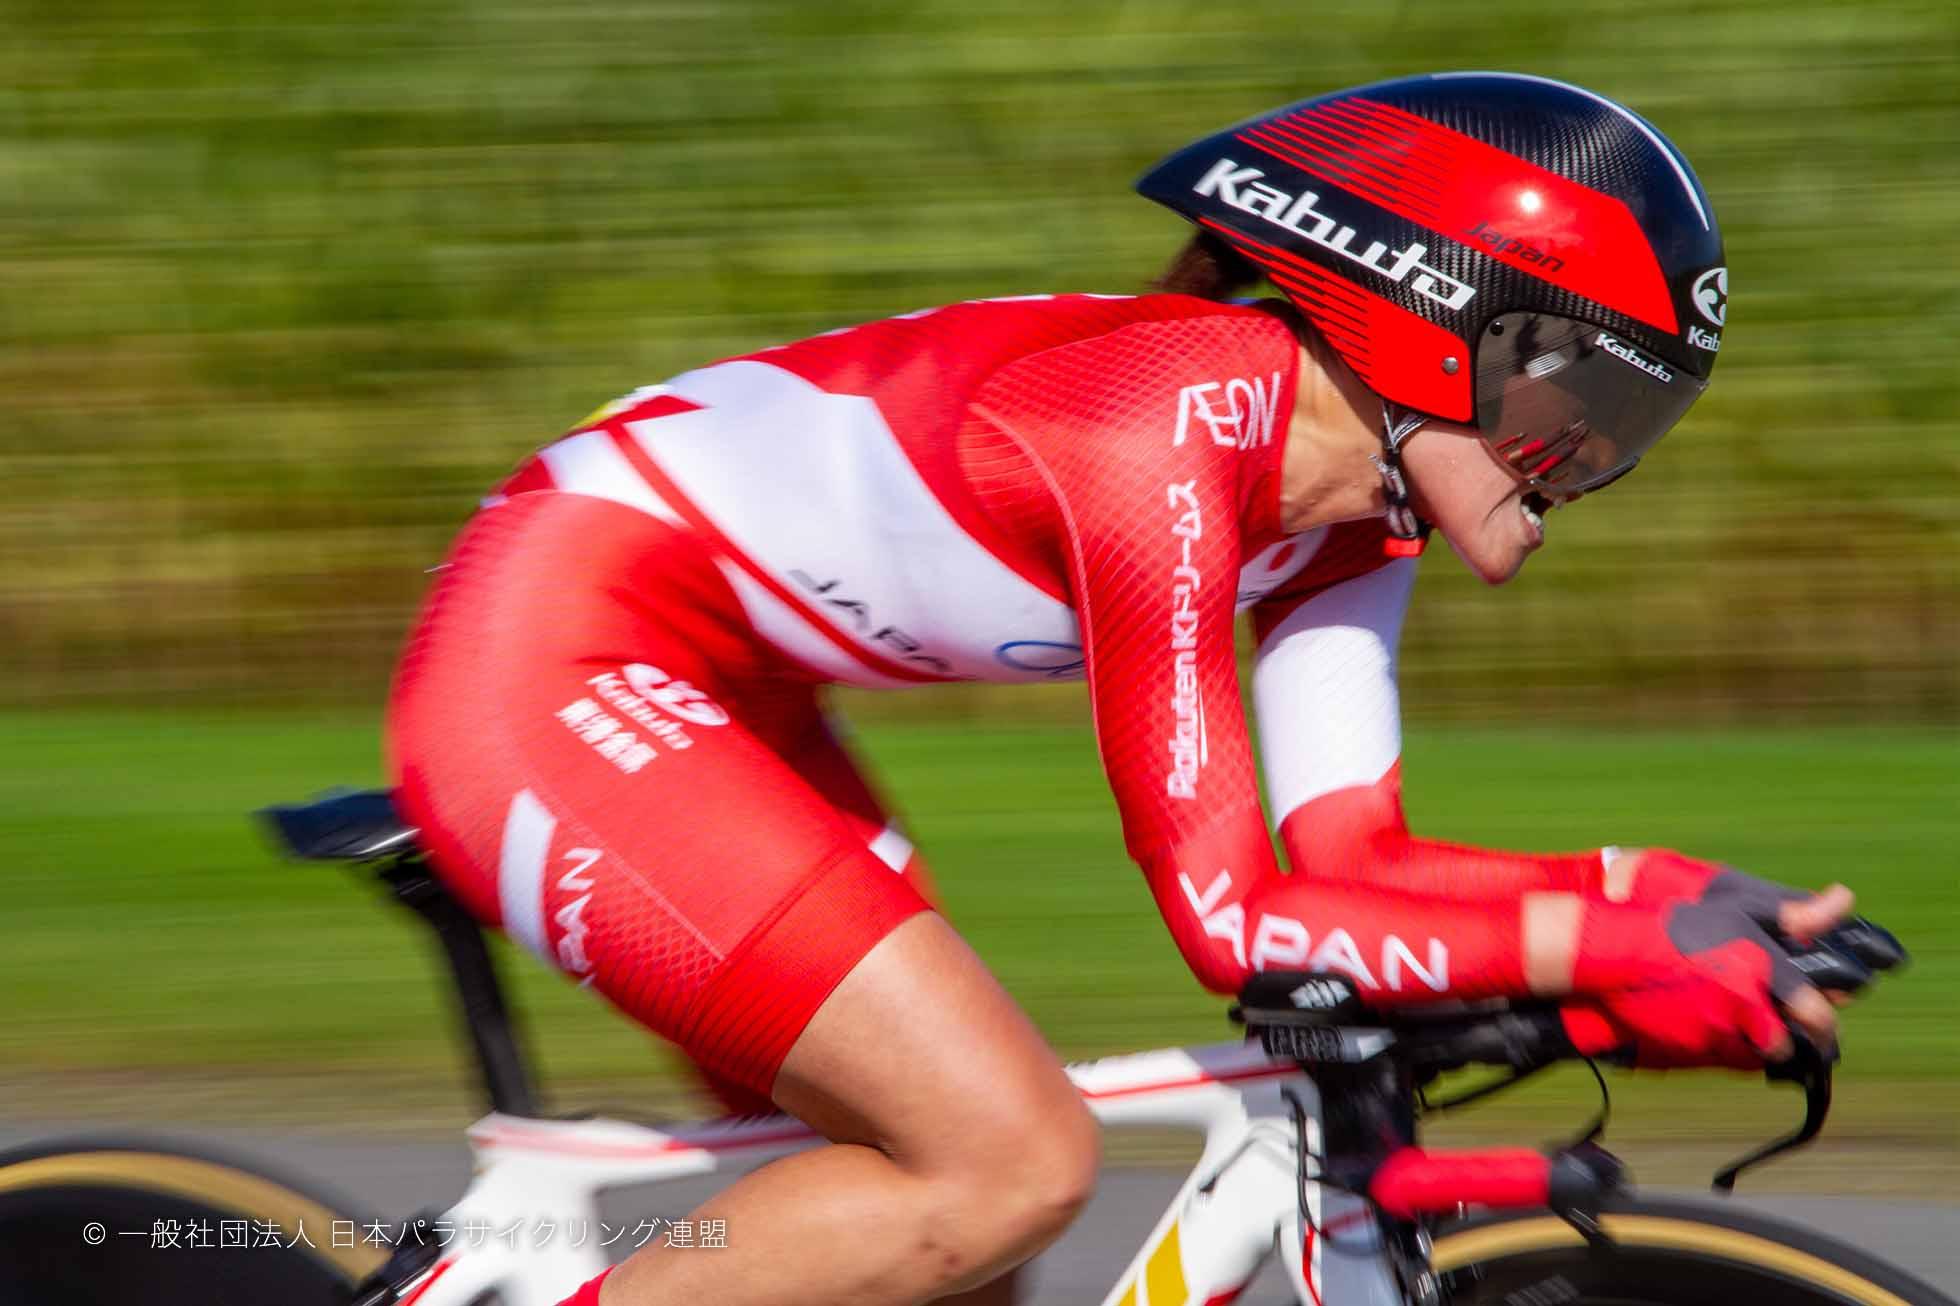 杉浦佳子がタイムトライアル銀 2019 UCI パラ ロード世界選手権